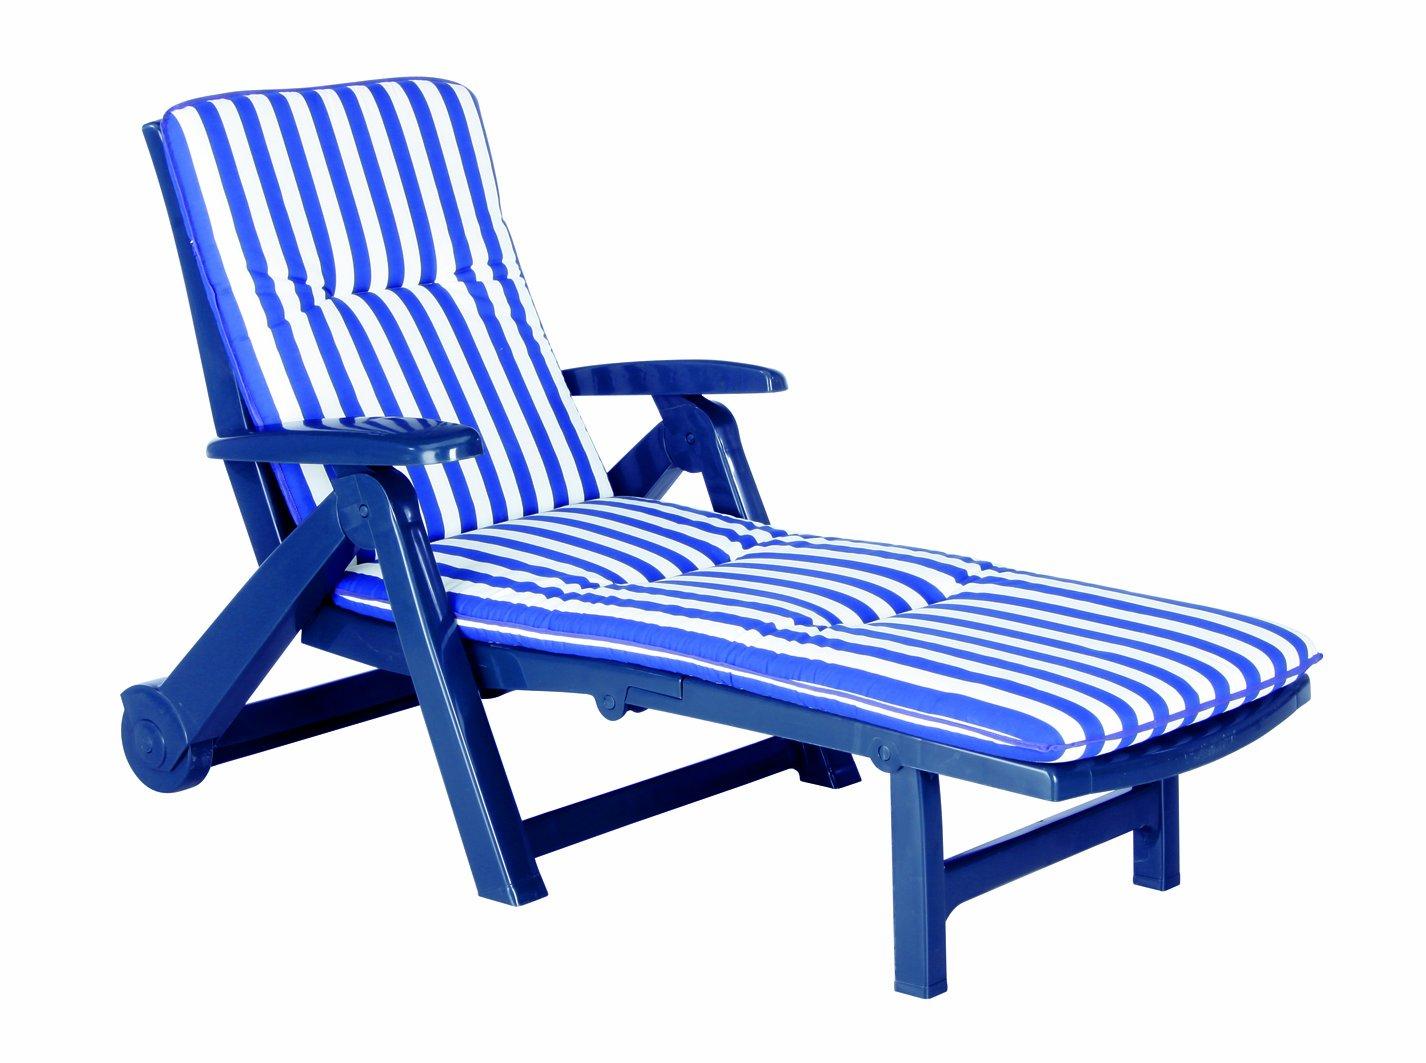 BEST 96406822 Rollliege Charleston inklusive Auflage, D.0268, blau kaufen